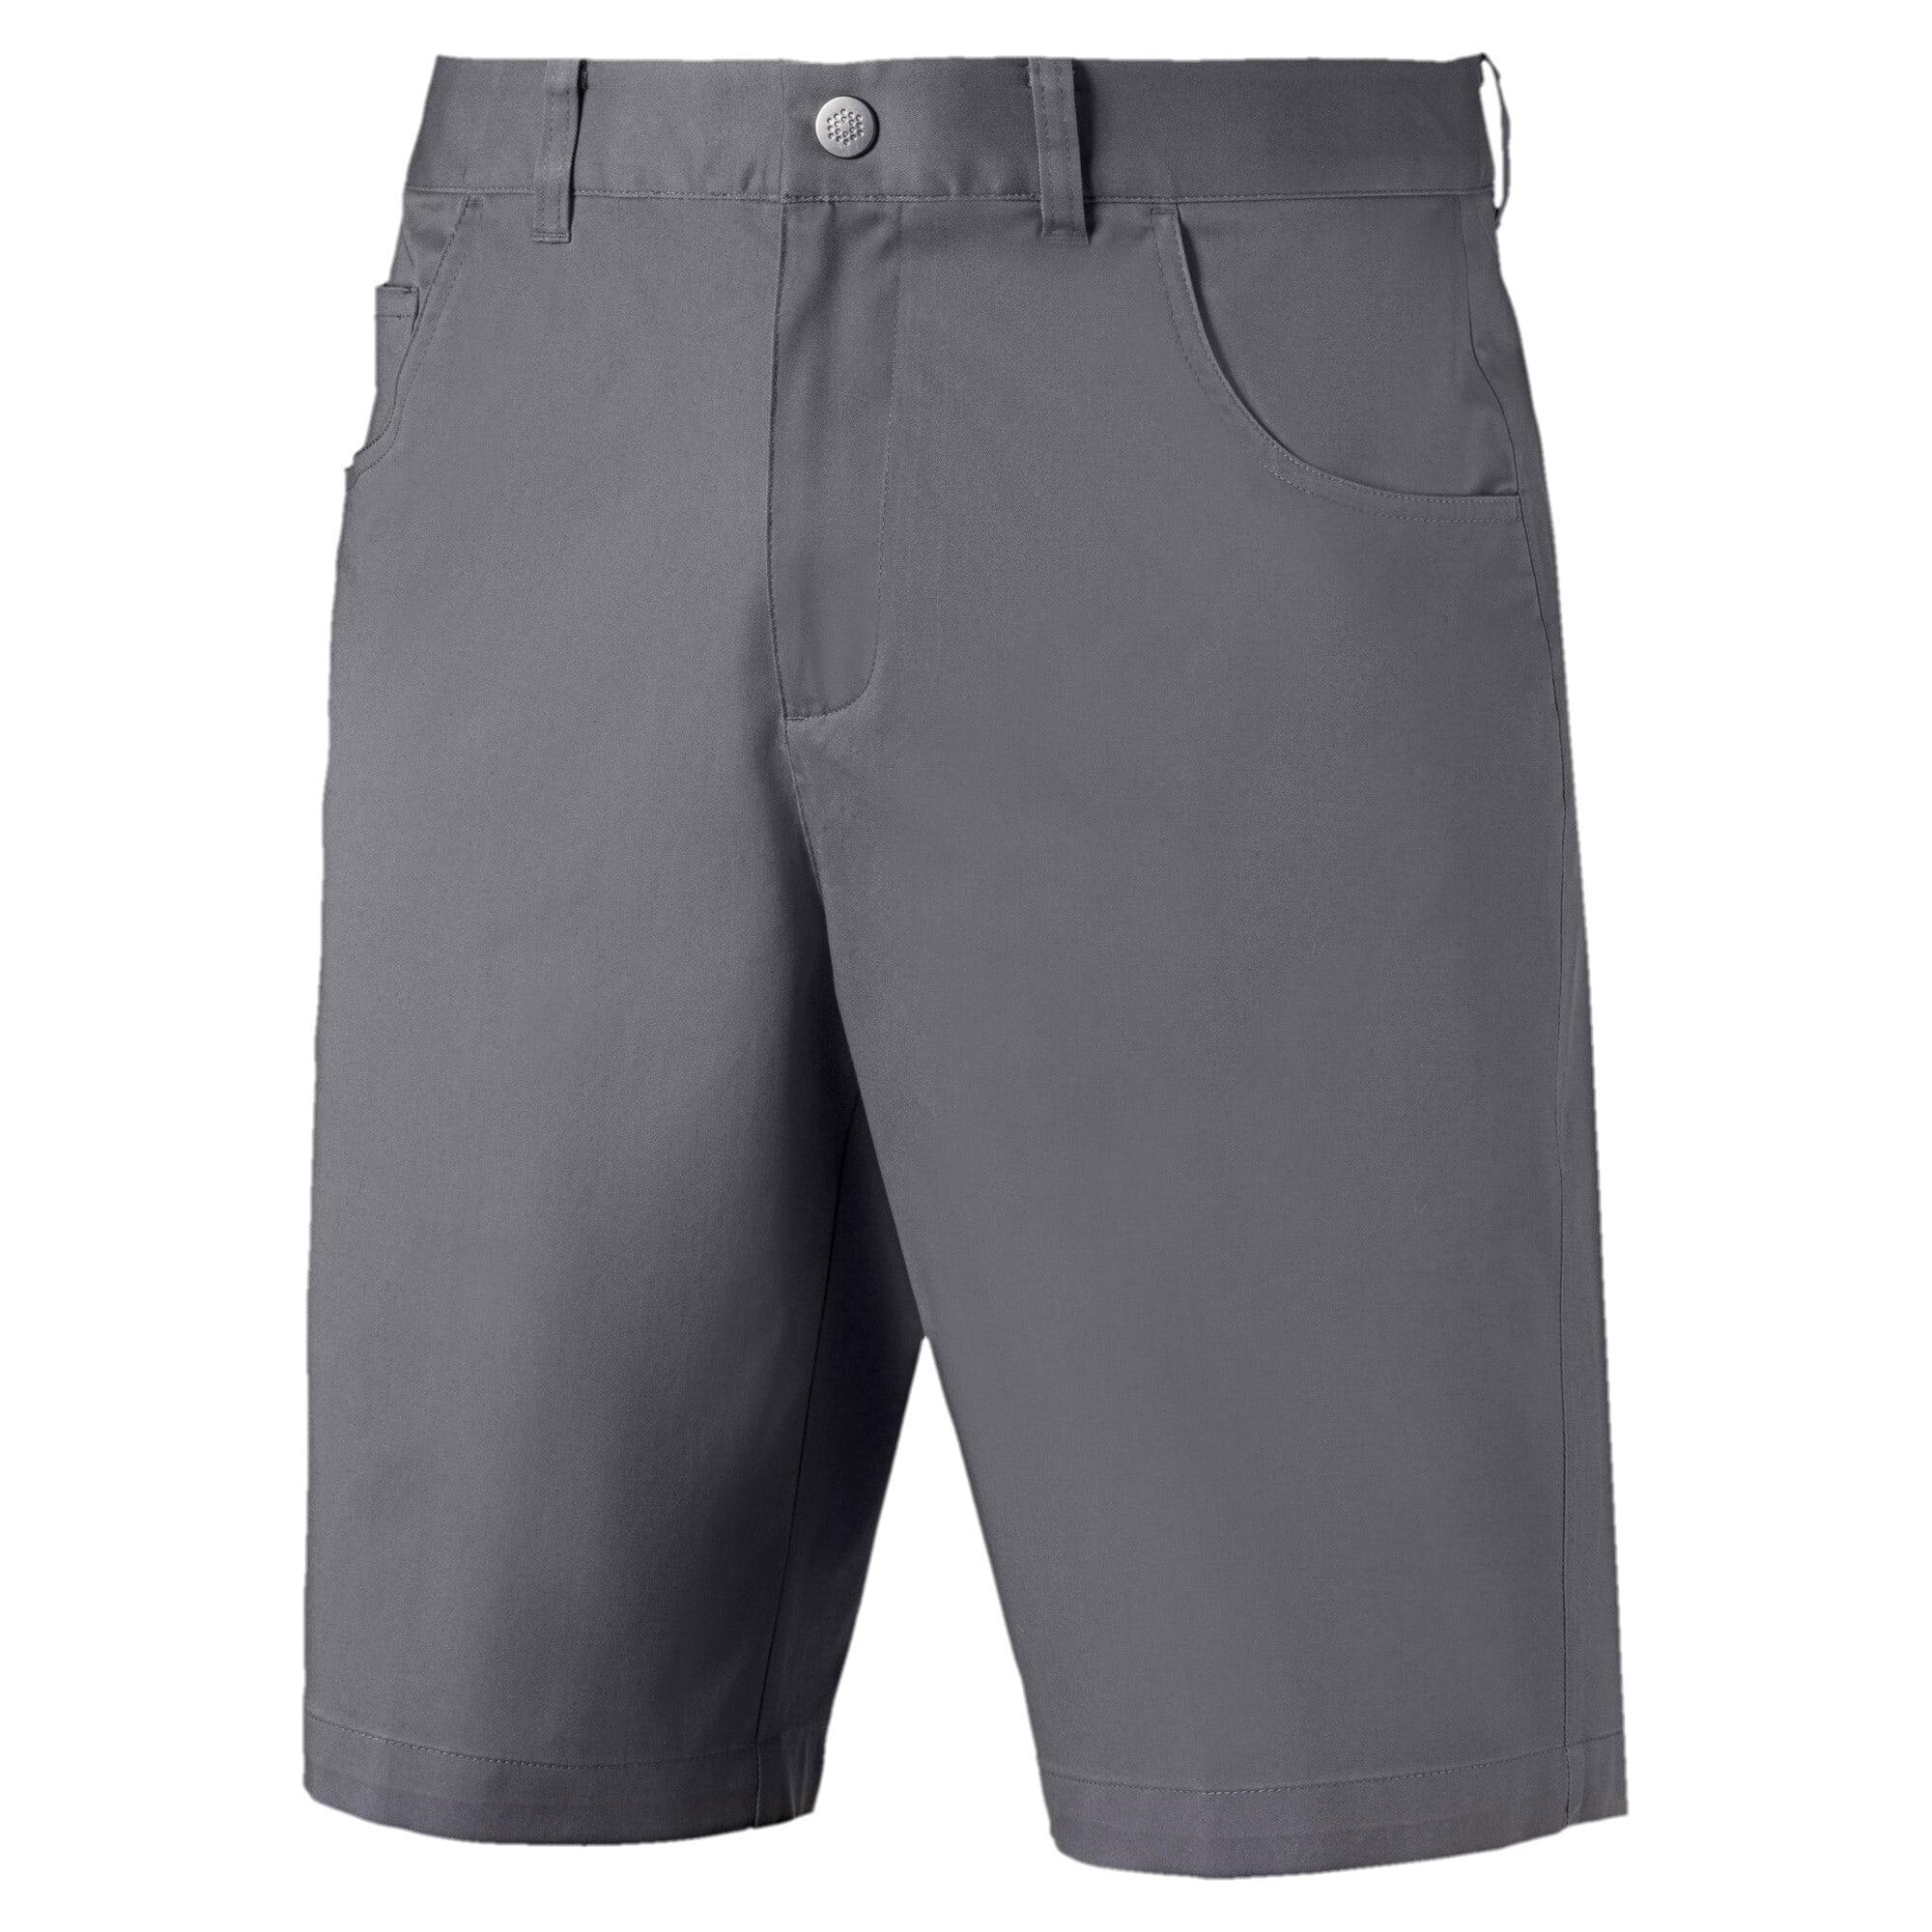 Thumbnail 1 of Tailored 6 Pocket Men's Short, QUIET SHADE, medium-IND